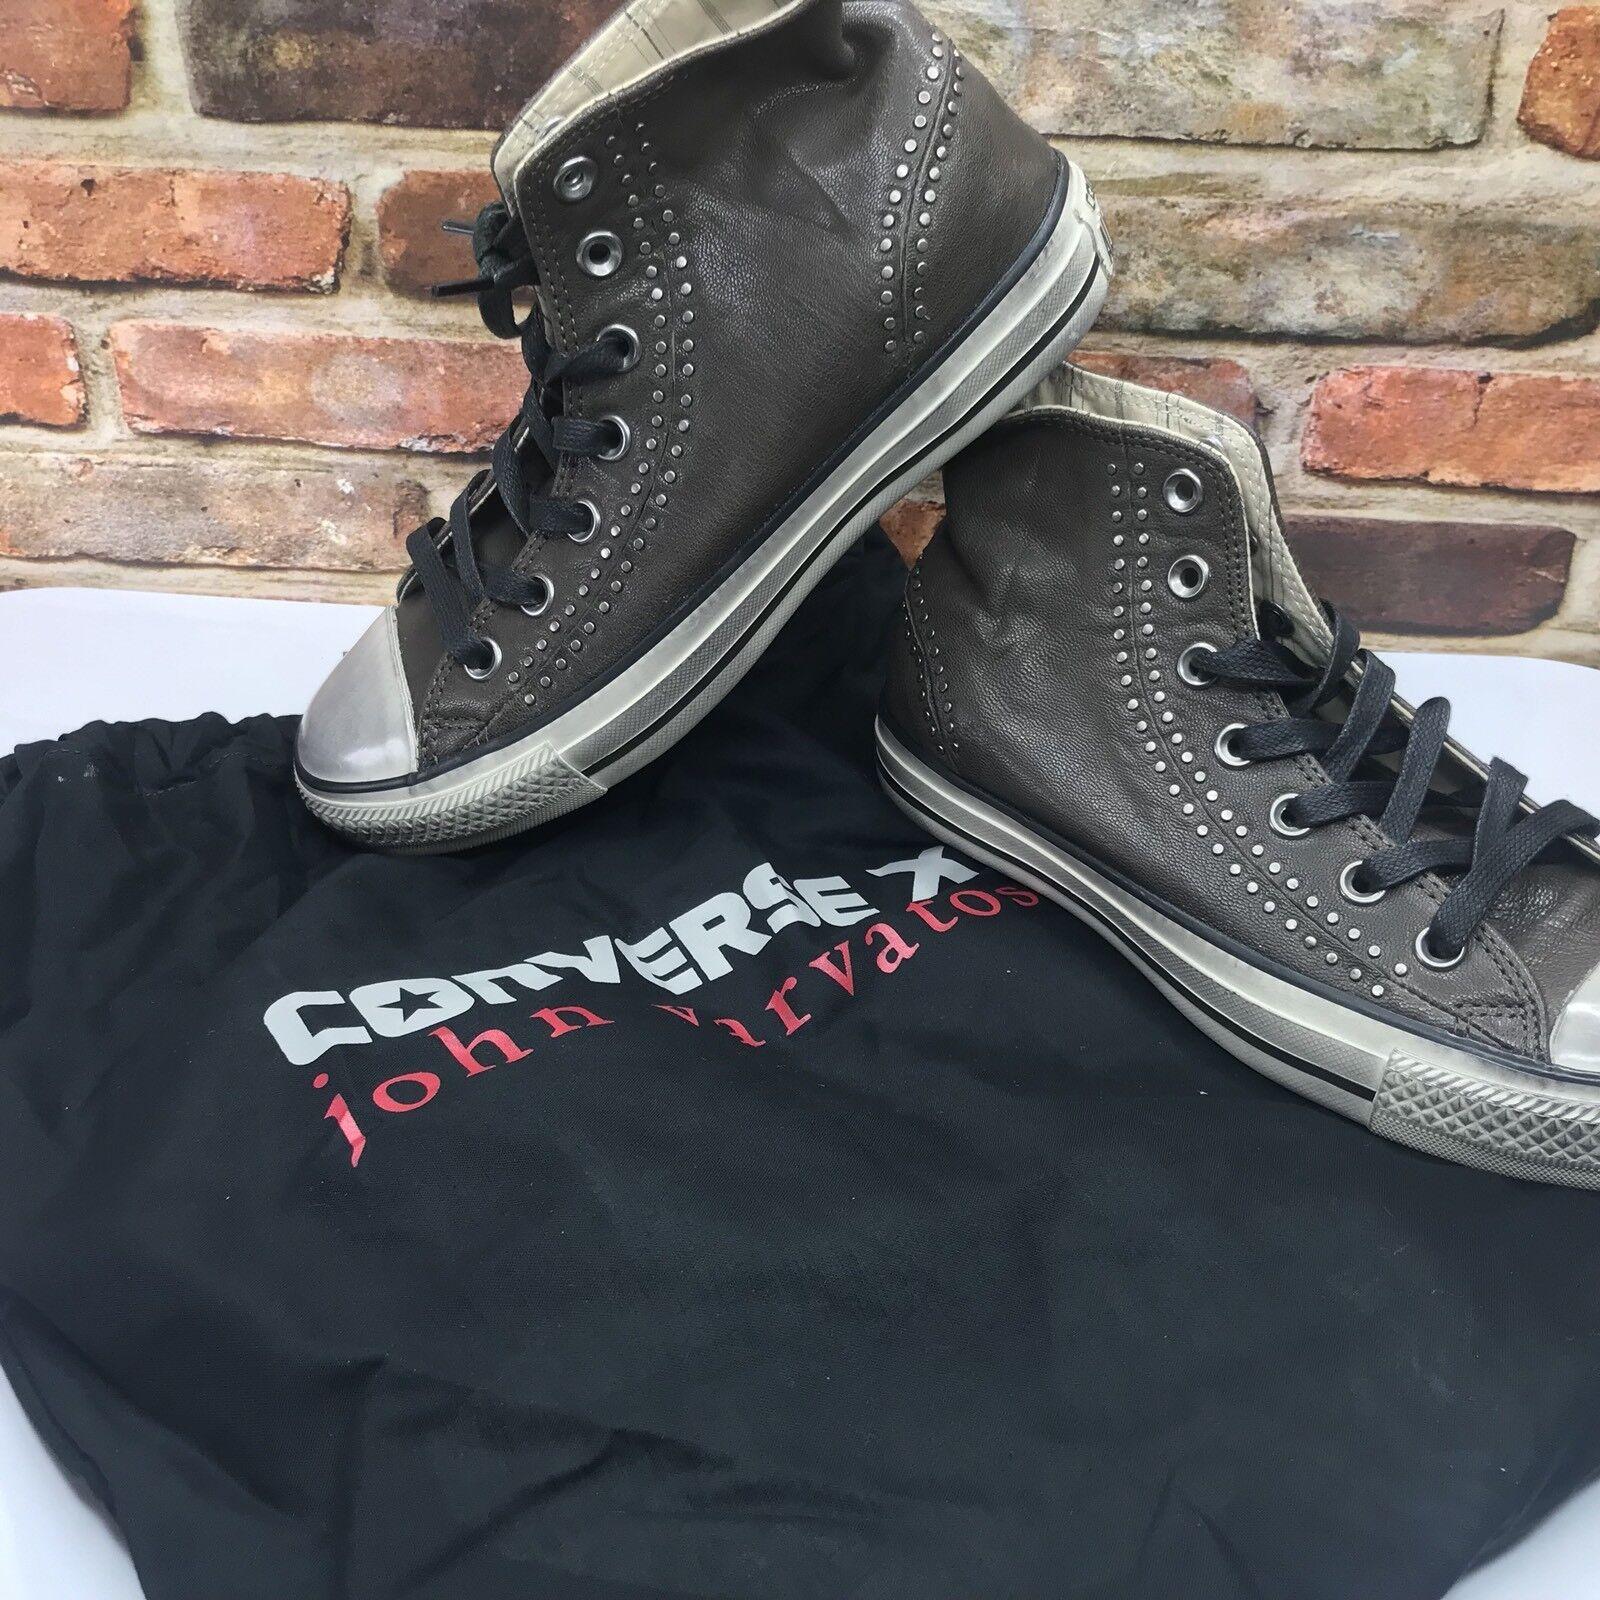 Converse X John Varvatos Etg Dos Séparé Couture Hi Cuir 153882c Femme Taille 7